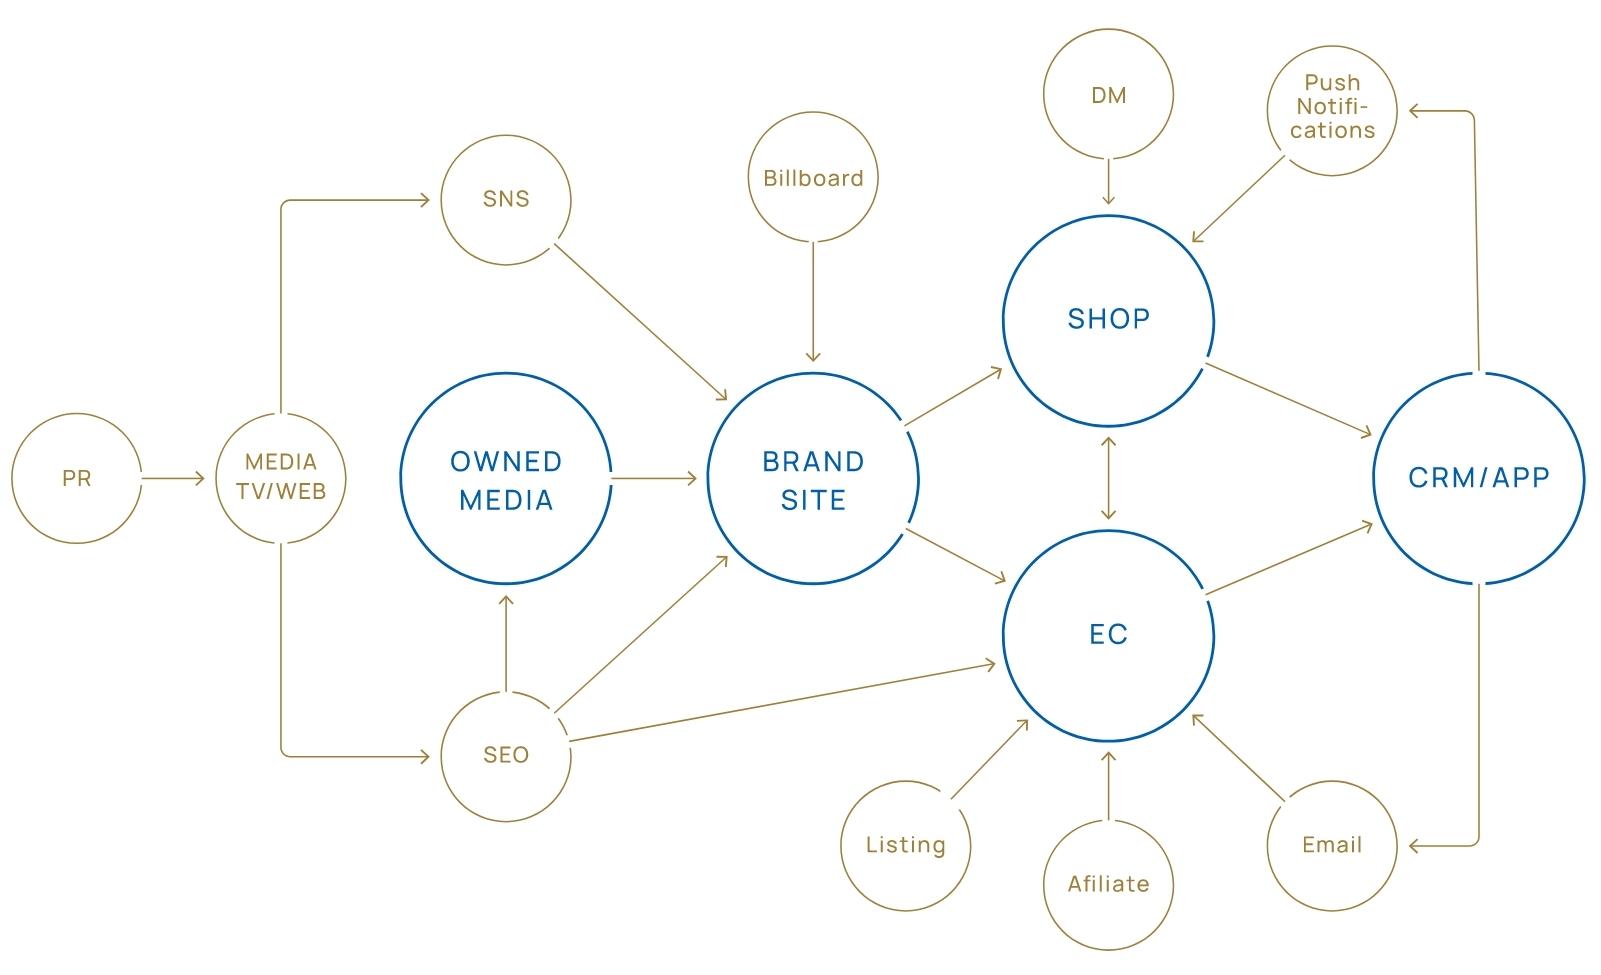 チャネル全体を見極め、最適なマーケティング戦略を立案 イメージ図